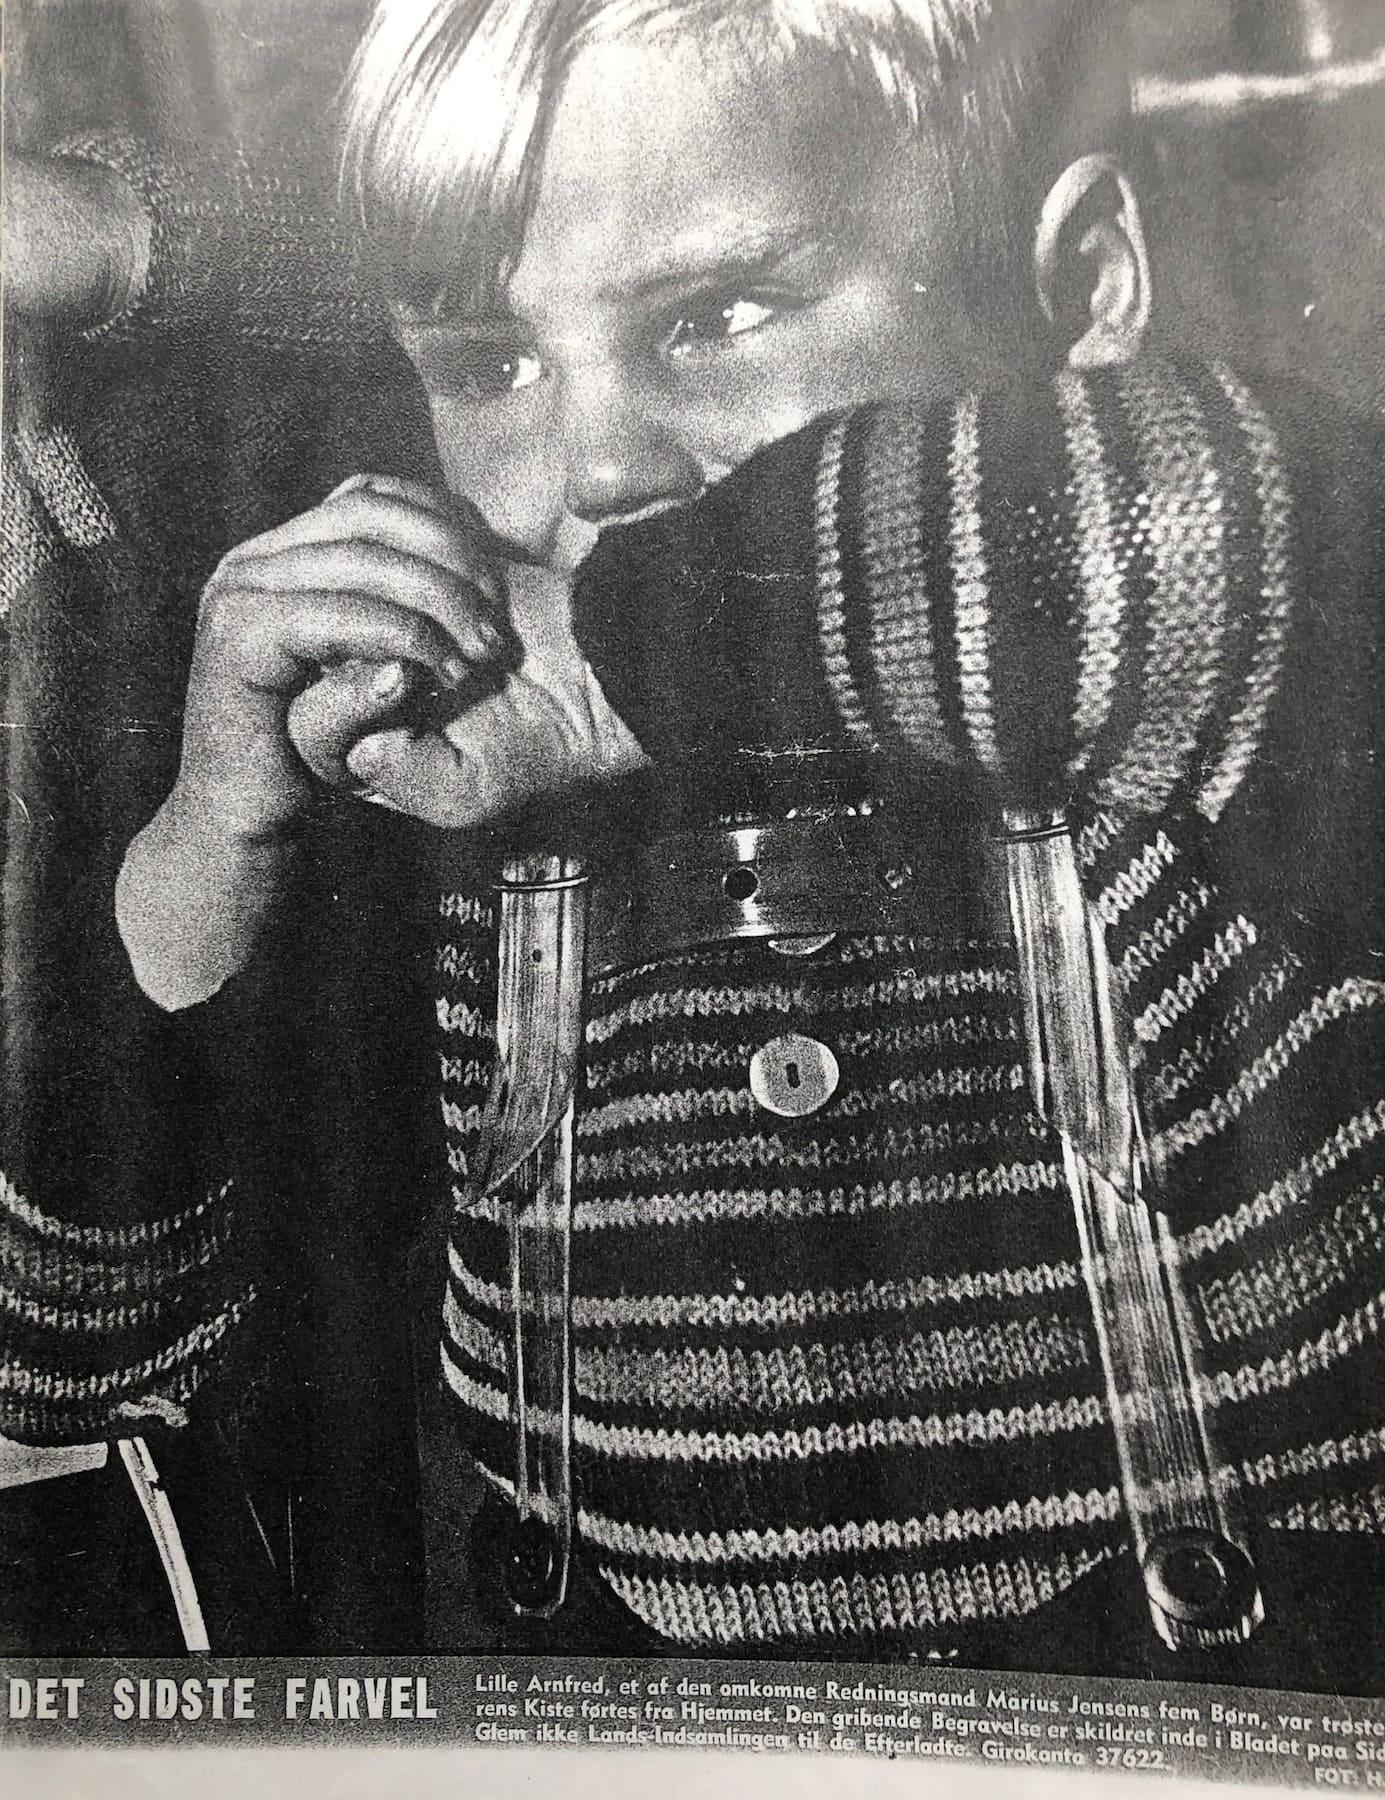 BilledBladet gik ganske tæt på, da bladet i december 1951 skildrede sorgen efter redningsulykken i Hvide Sande